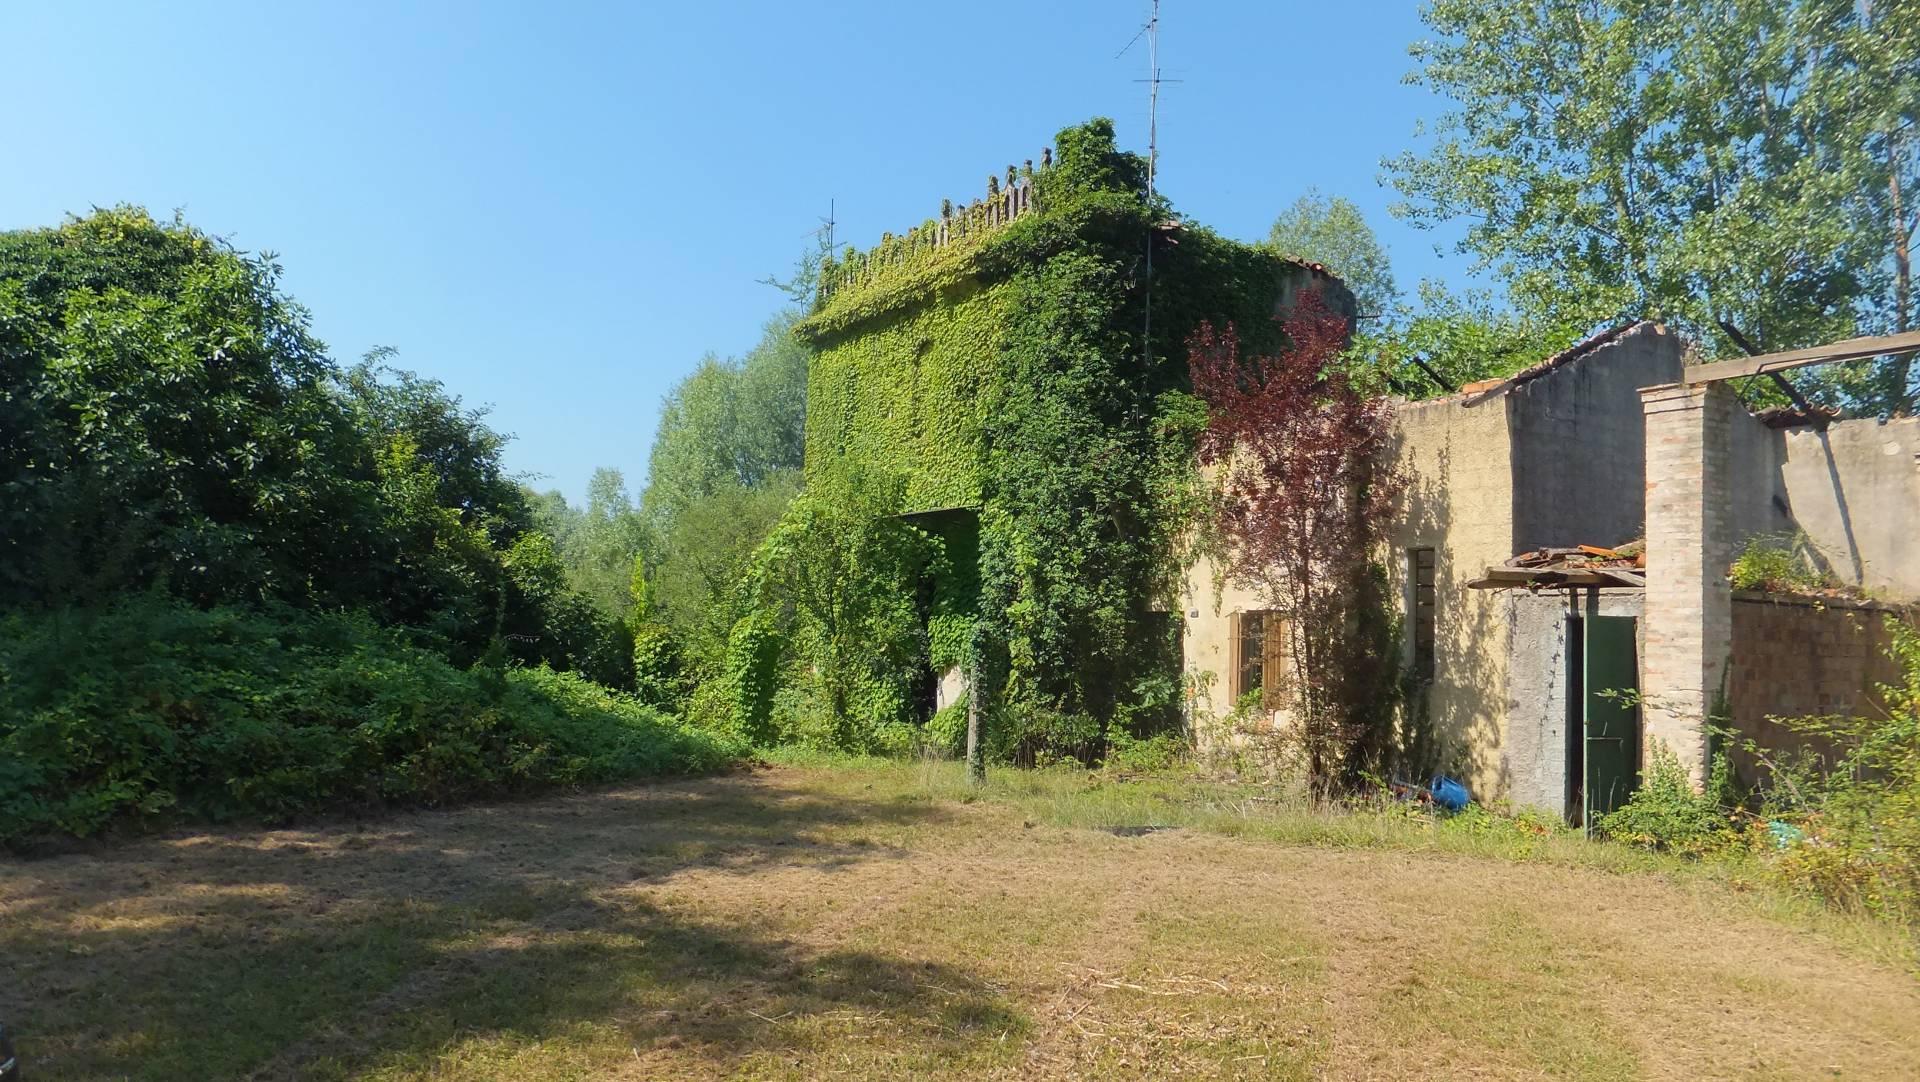 Terreno Agricolo in vendita a Fontanafredda, 9999 locali, Trattative riservate | CambioCasa.it